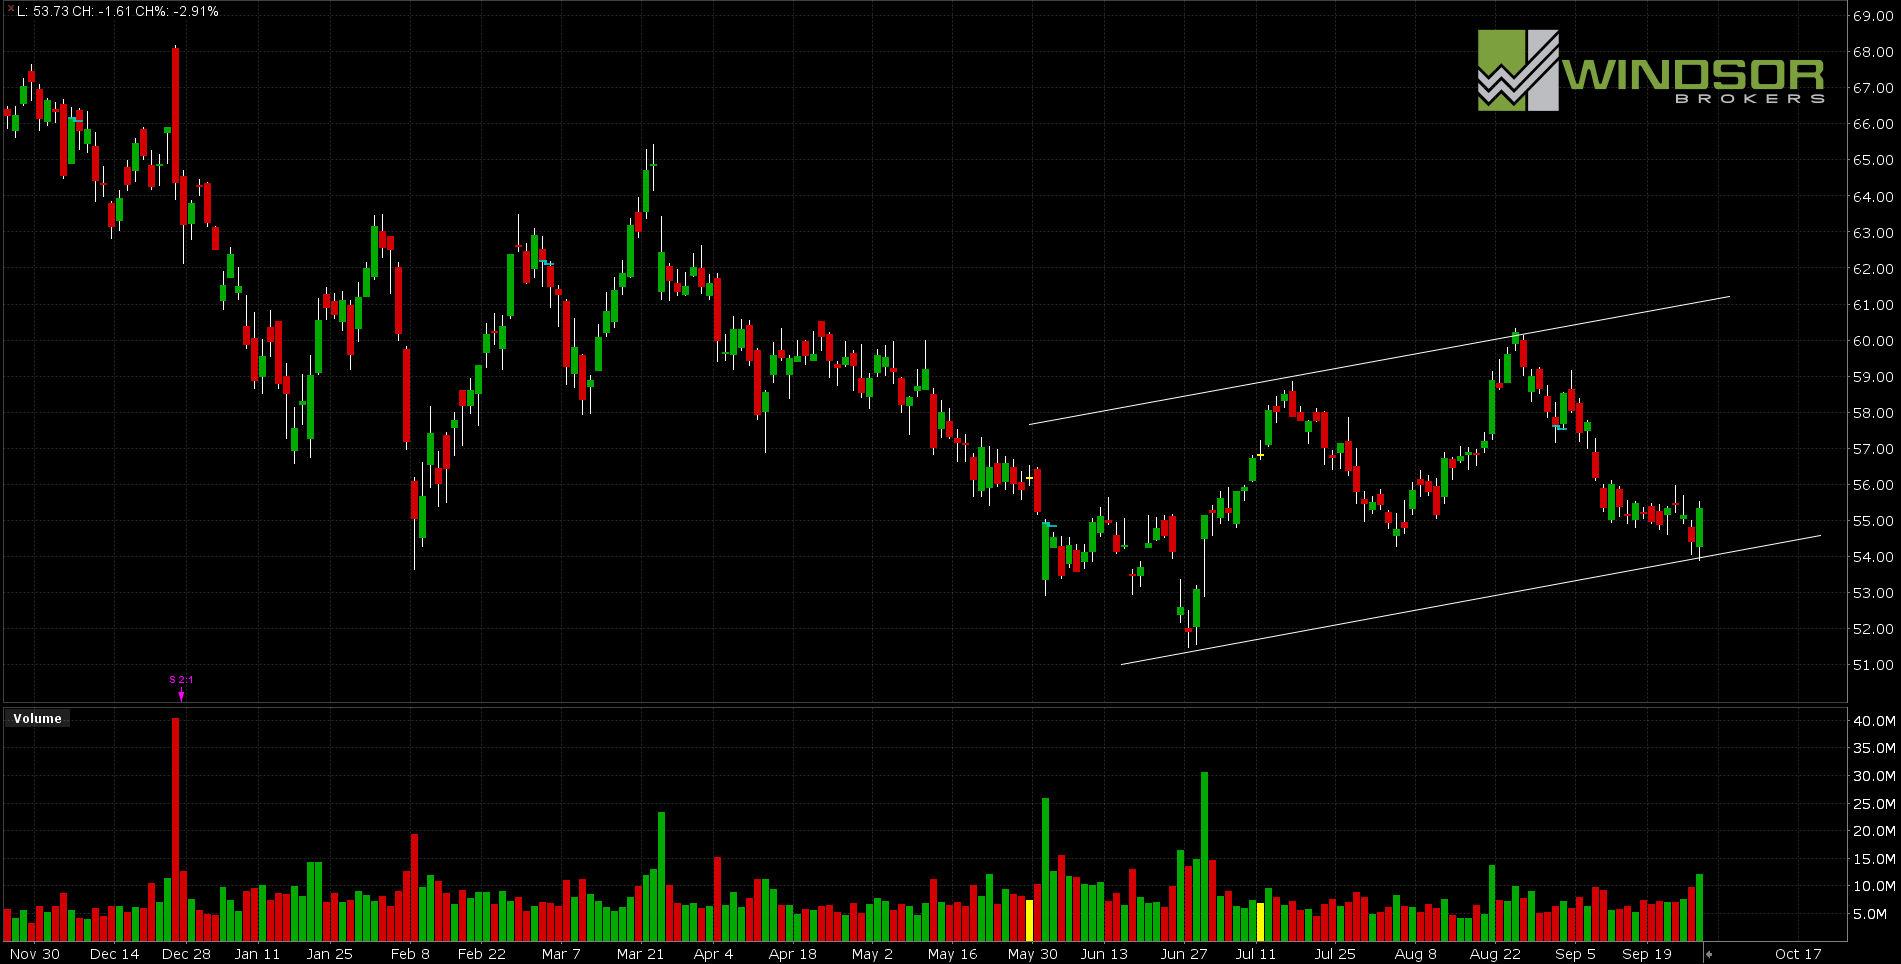 Wykres spółki NIKE, interwał D1 - All Markets Online.